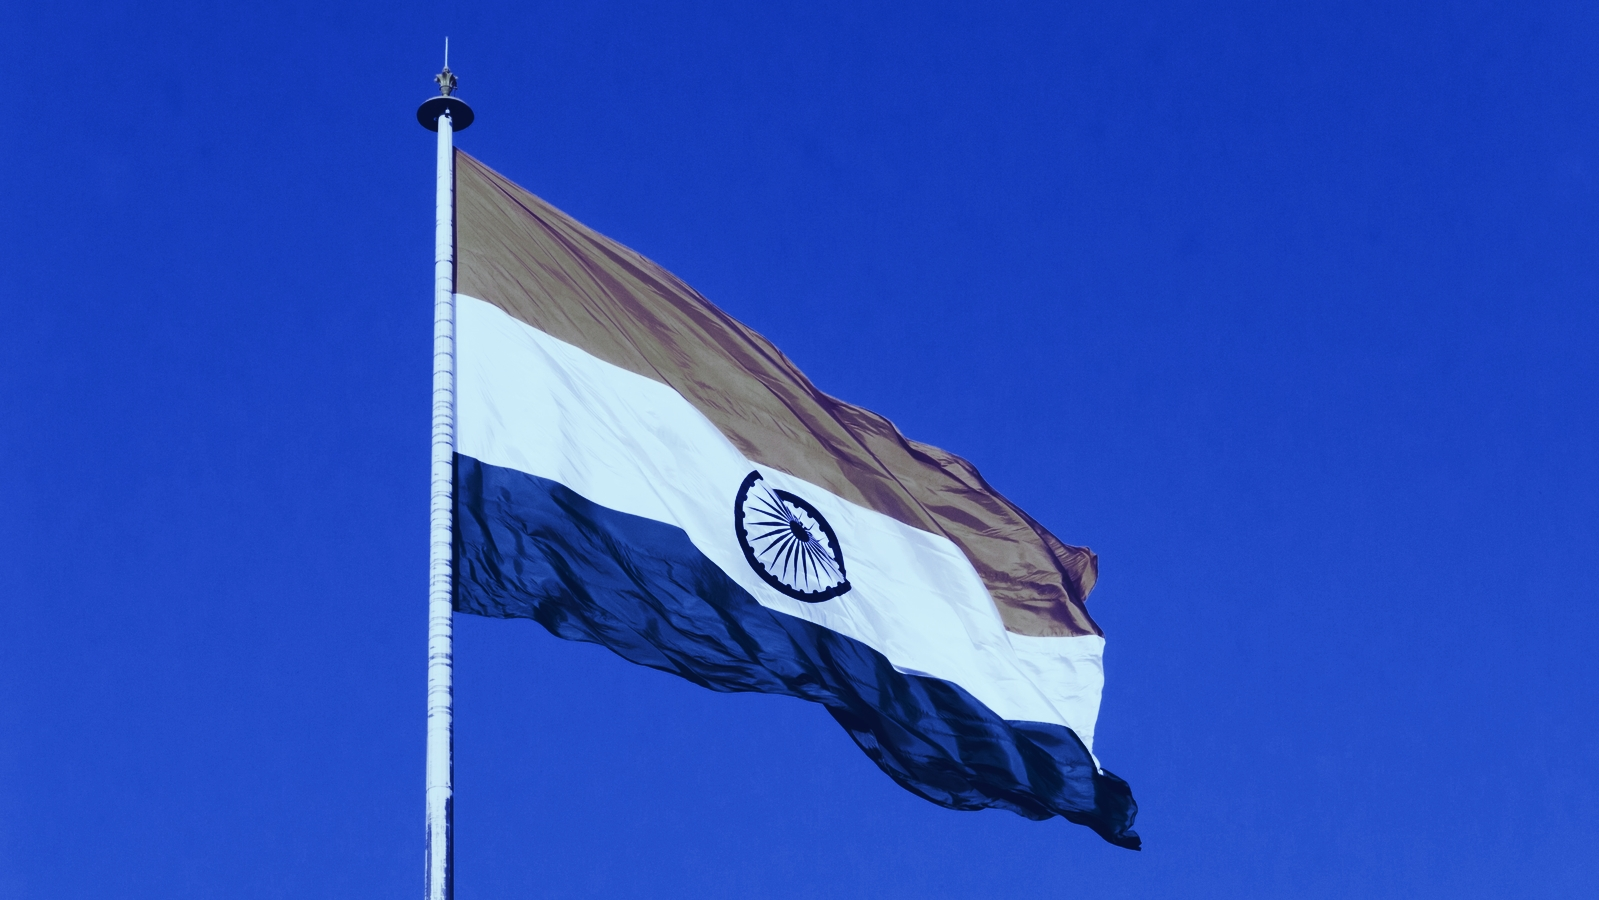 WazirX Token Up 43% Following Regulatory Update in India